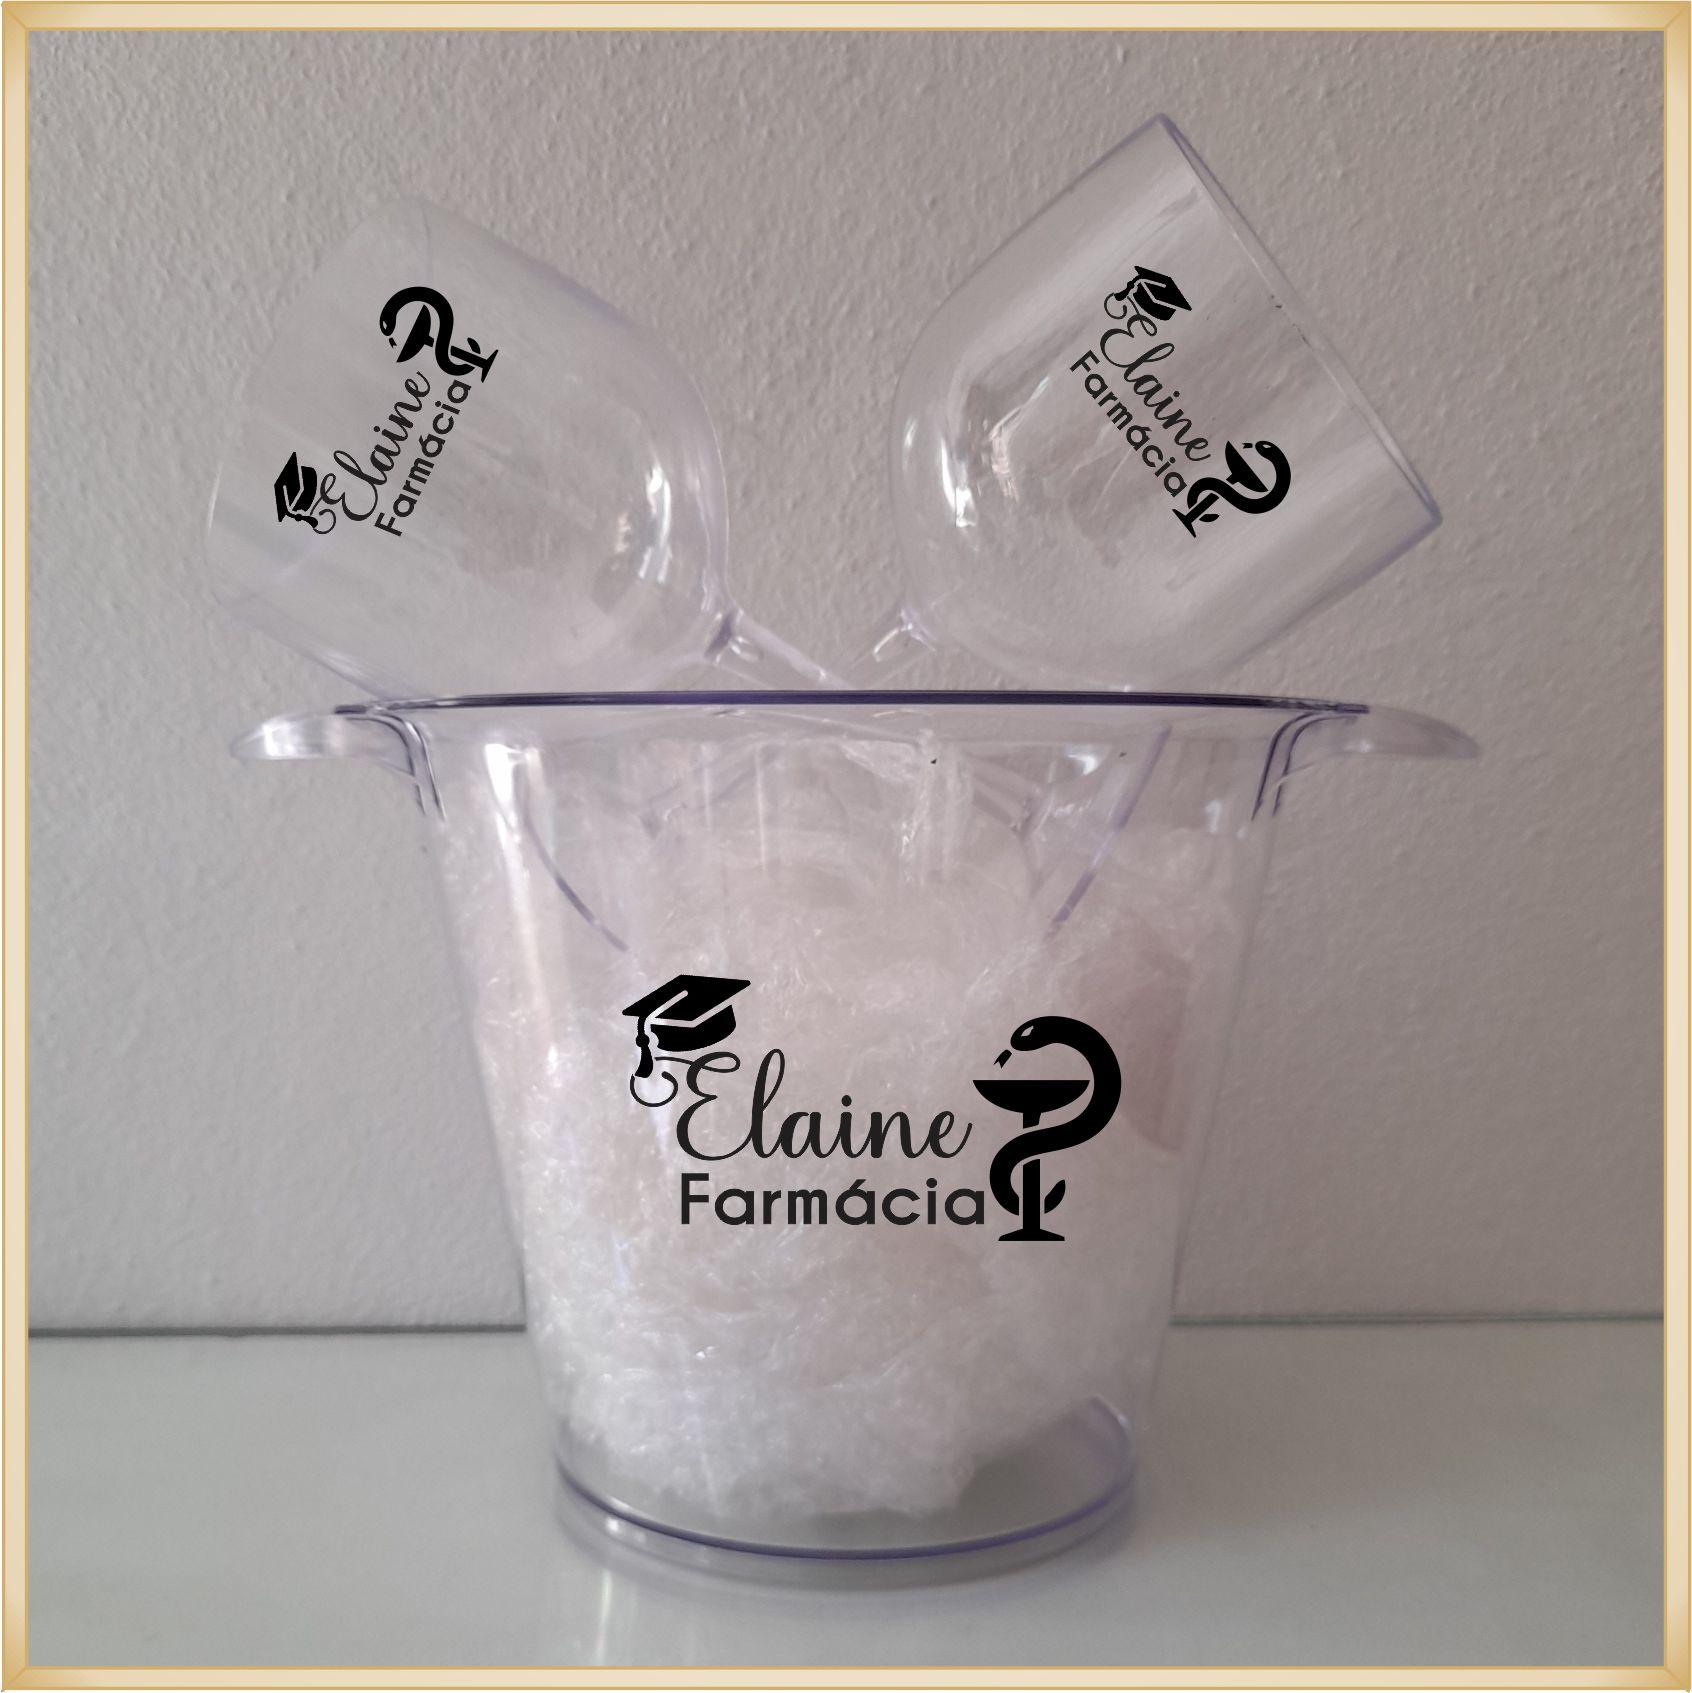 Kit Balde de gelo + Taças de gin personalizadas - Produto de alta qualidade, paredes reforçadas sem riscos e rebarbas, estampa digital e colorida